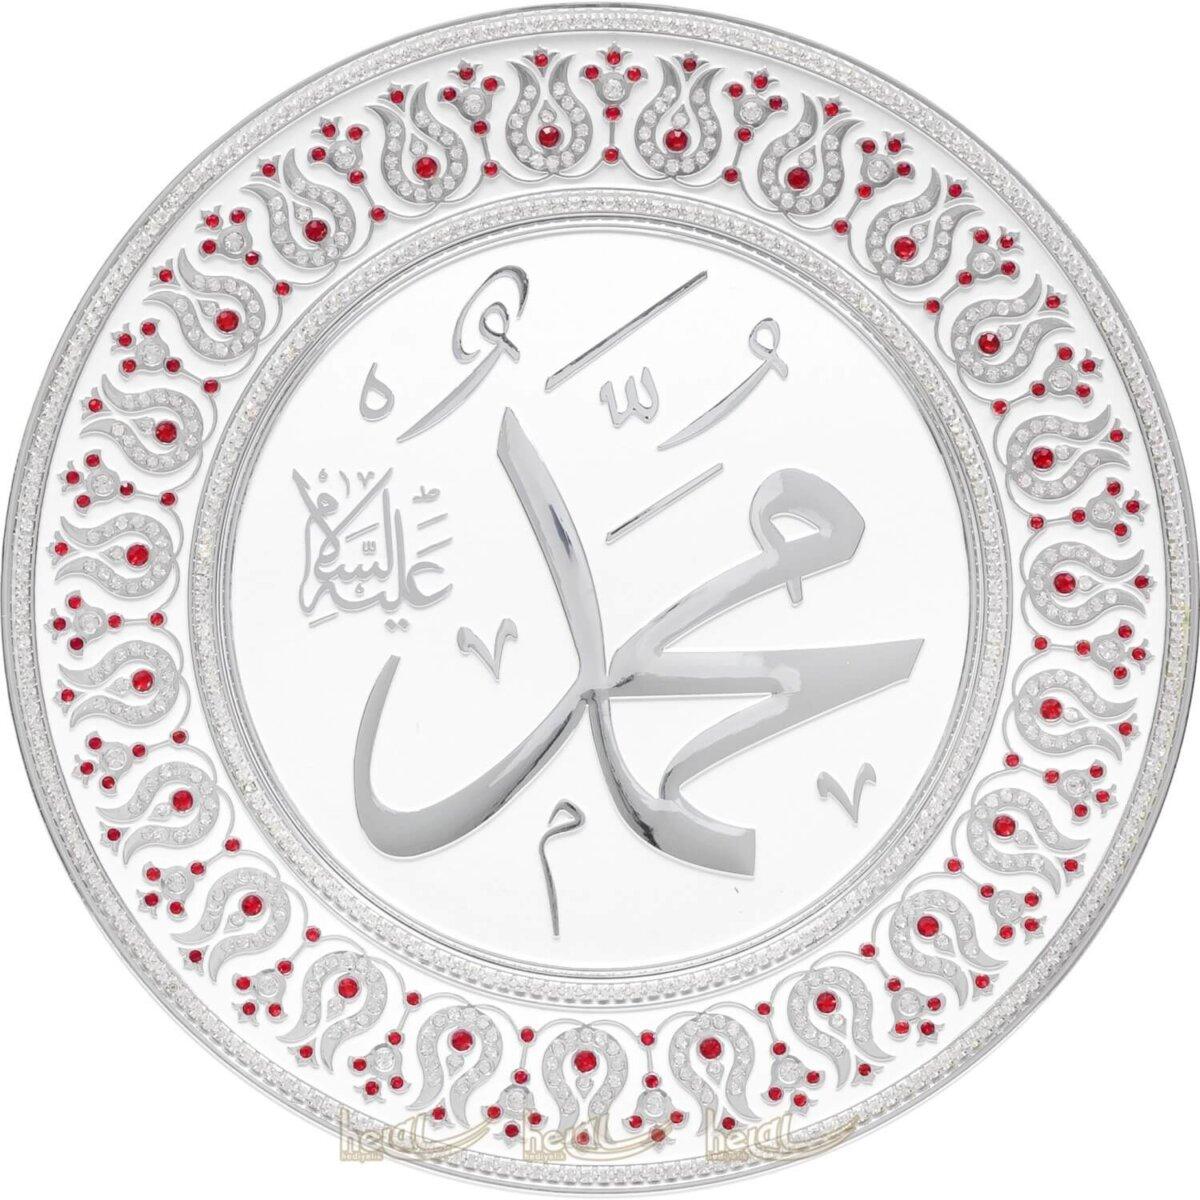 33cm Kristal Az Taşlı İsmi Nebi Muhammed sav. Lafzı Yazılı Tabak Masa Üstü ve Duvar Süsü Ayetli Ürünler